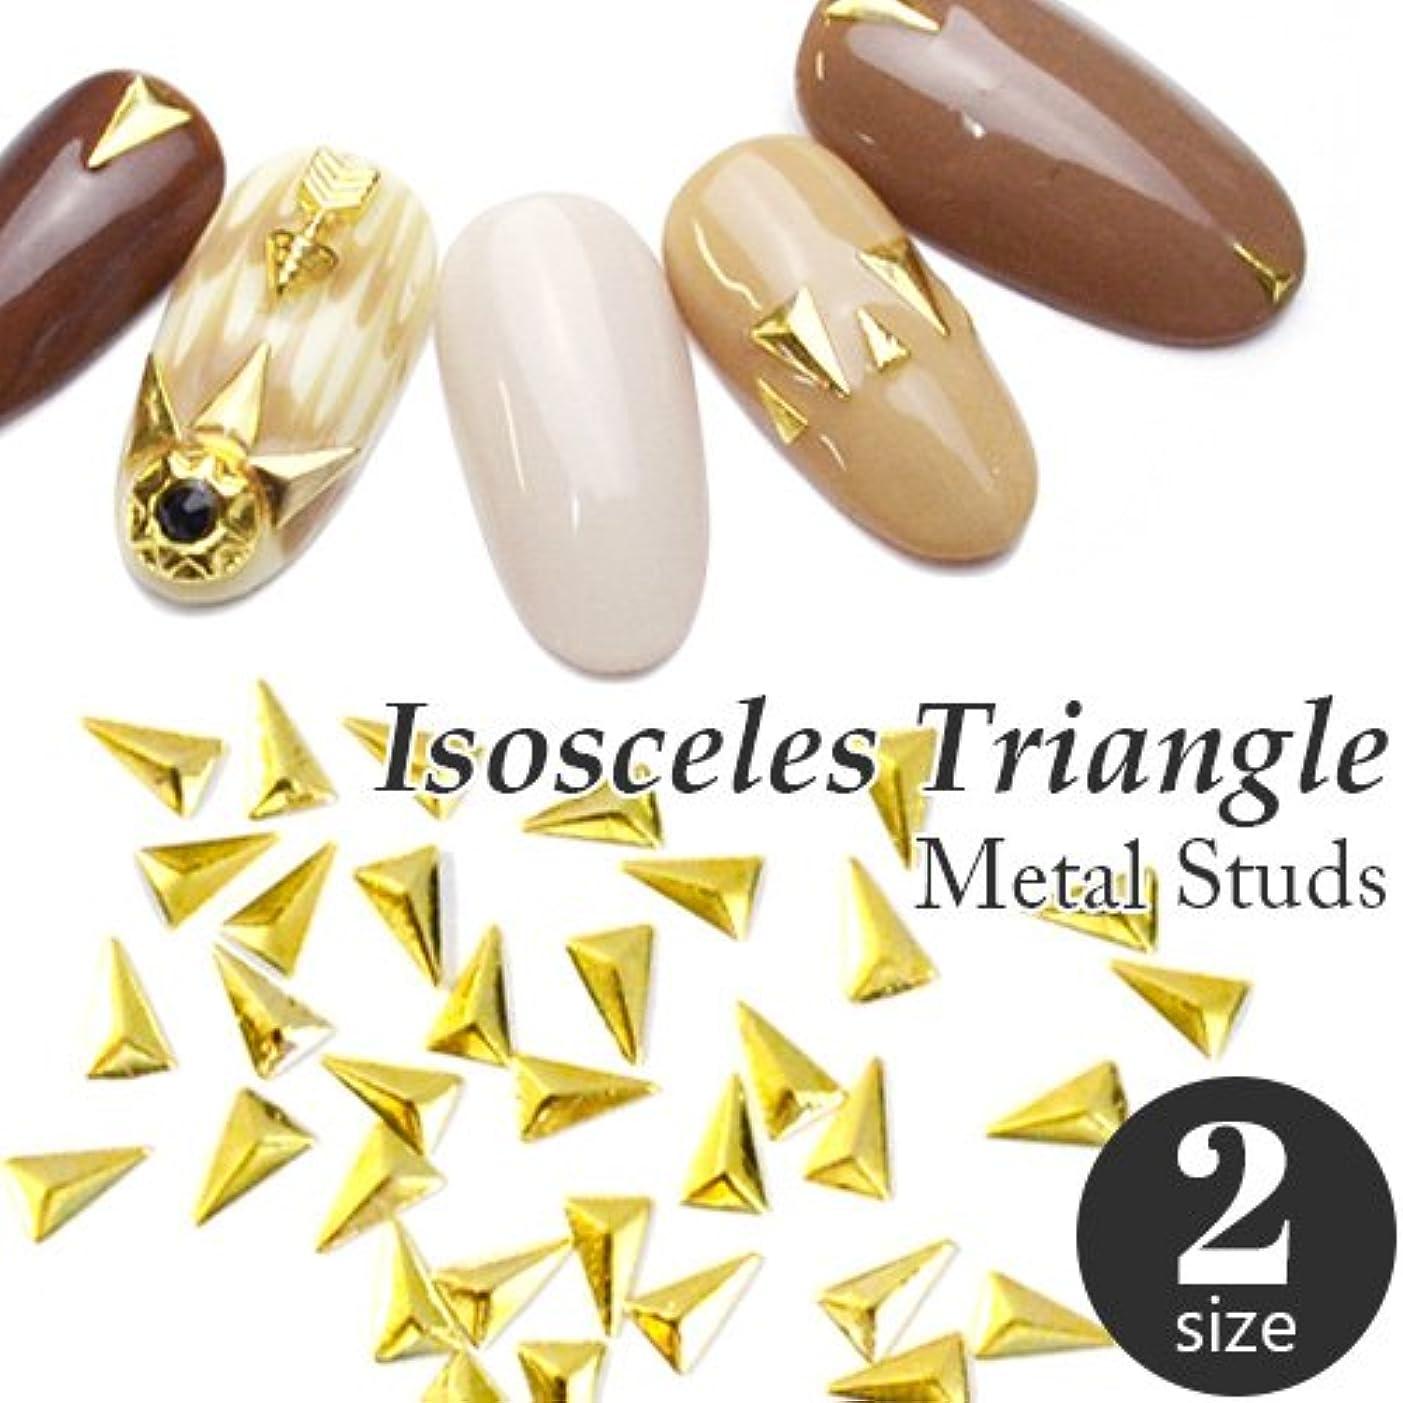 火曜日苦行わざわざ二等辺三角形[Mゴールド] メタルスタッズ トライアングル30粒入 ジェルネイル